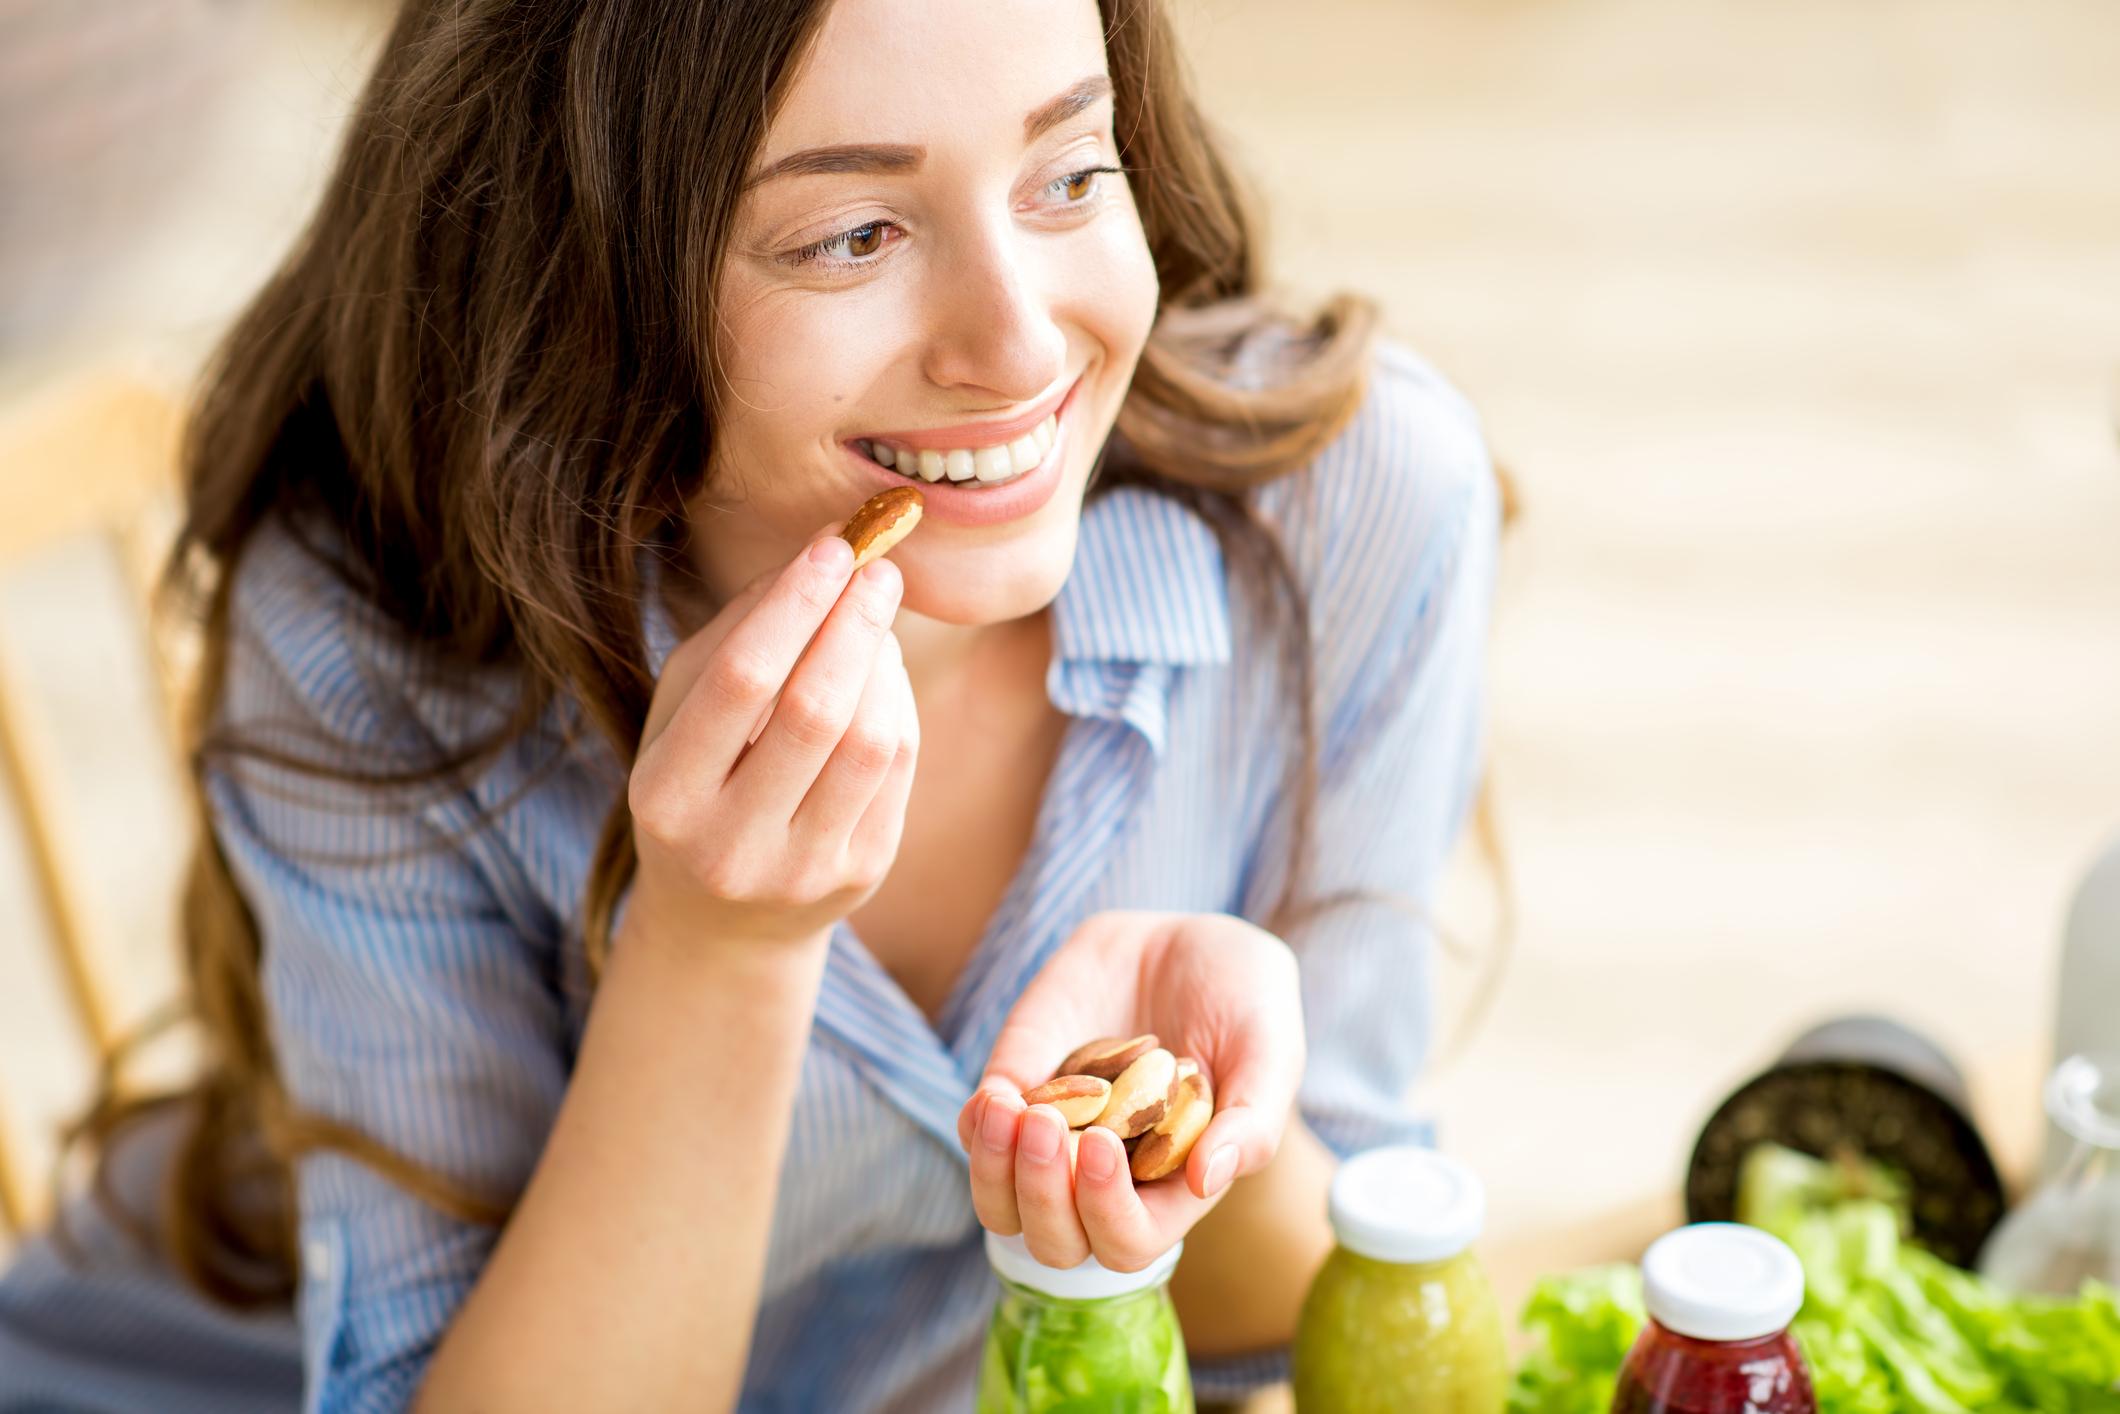 Controlar a fome é fundamental para quem quer emagrecer. Fazer refeições intermediárias entre as principais ajuda a diminuir a fome e melhora o metabolismo.